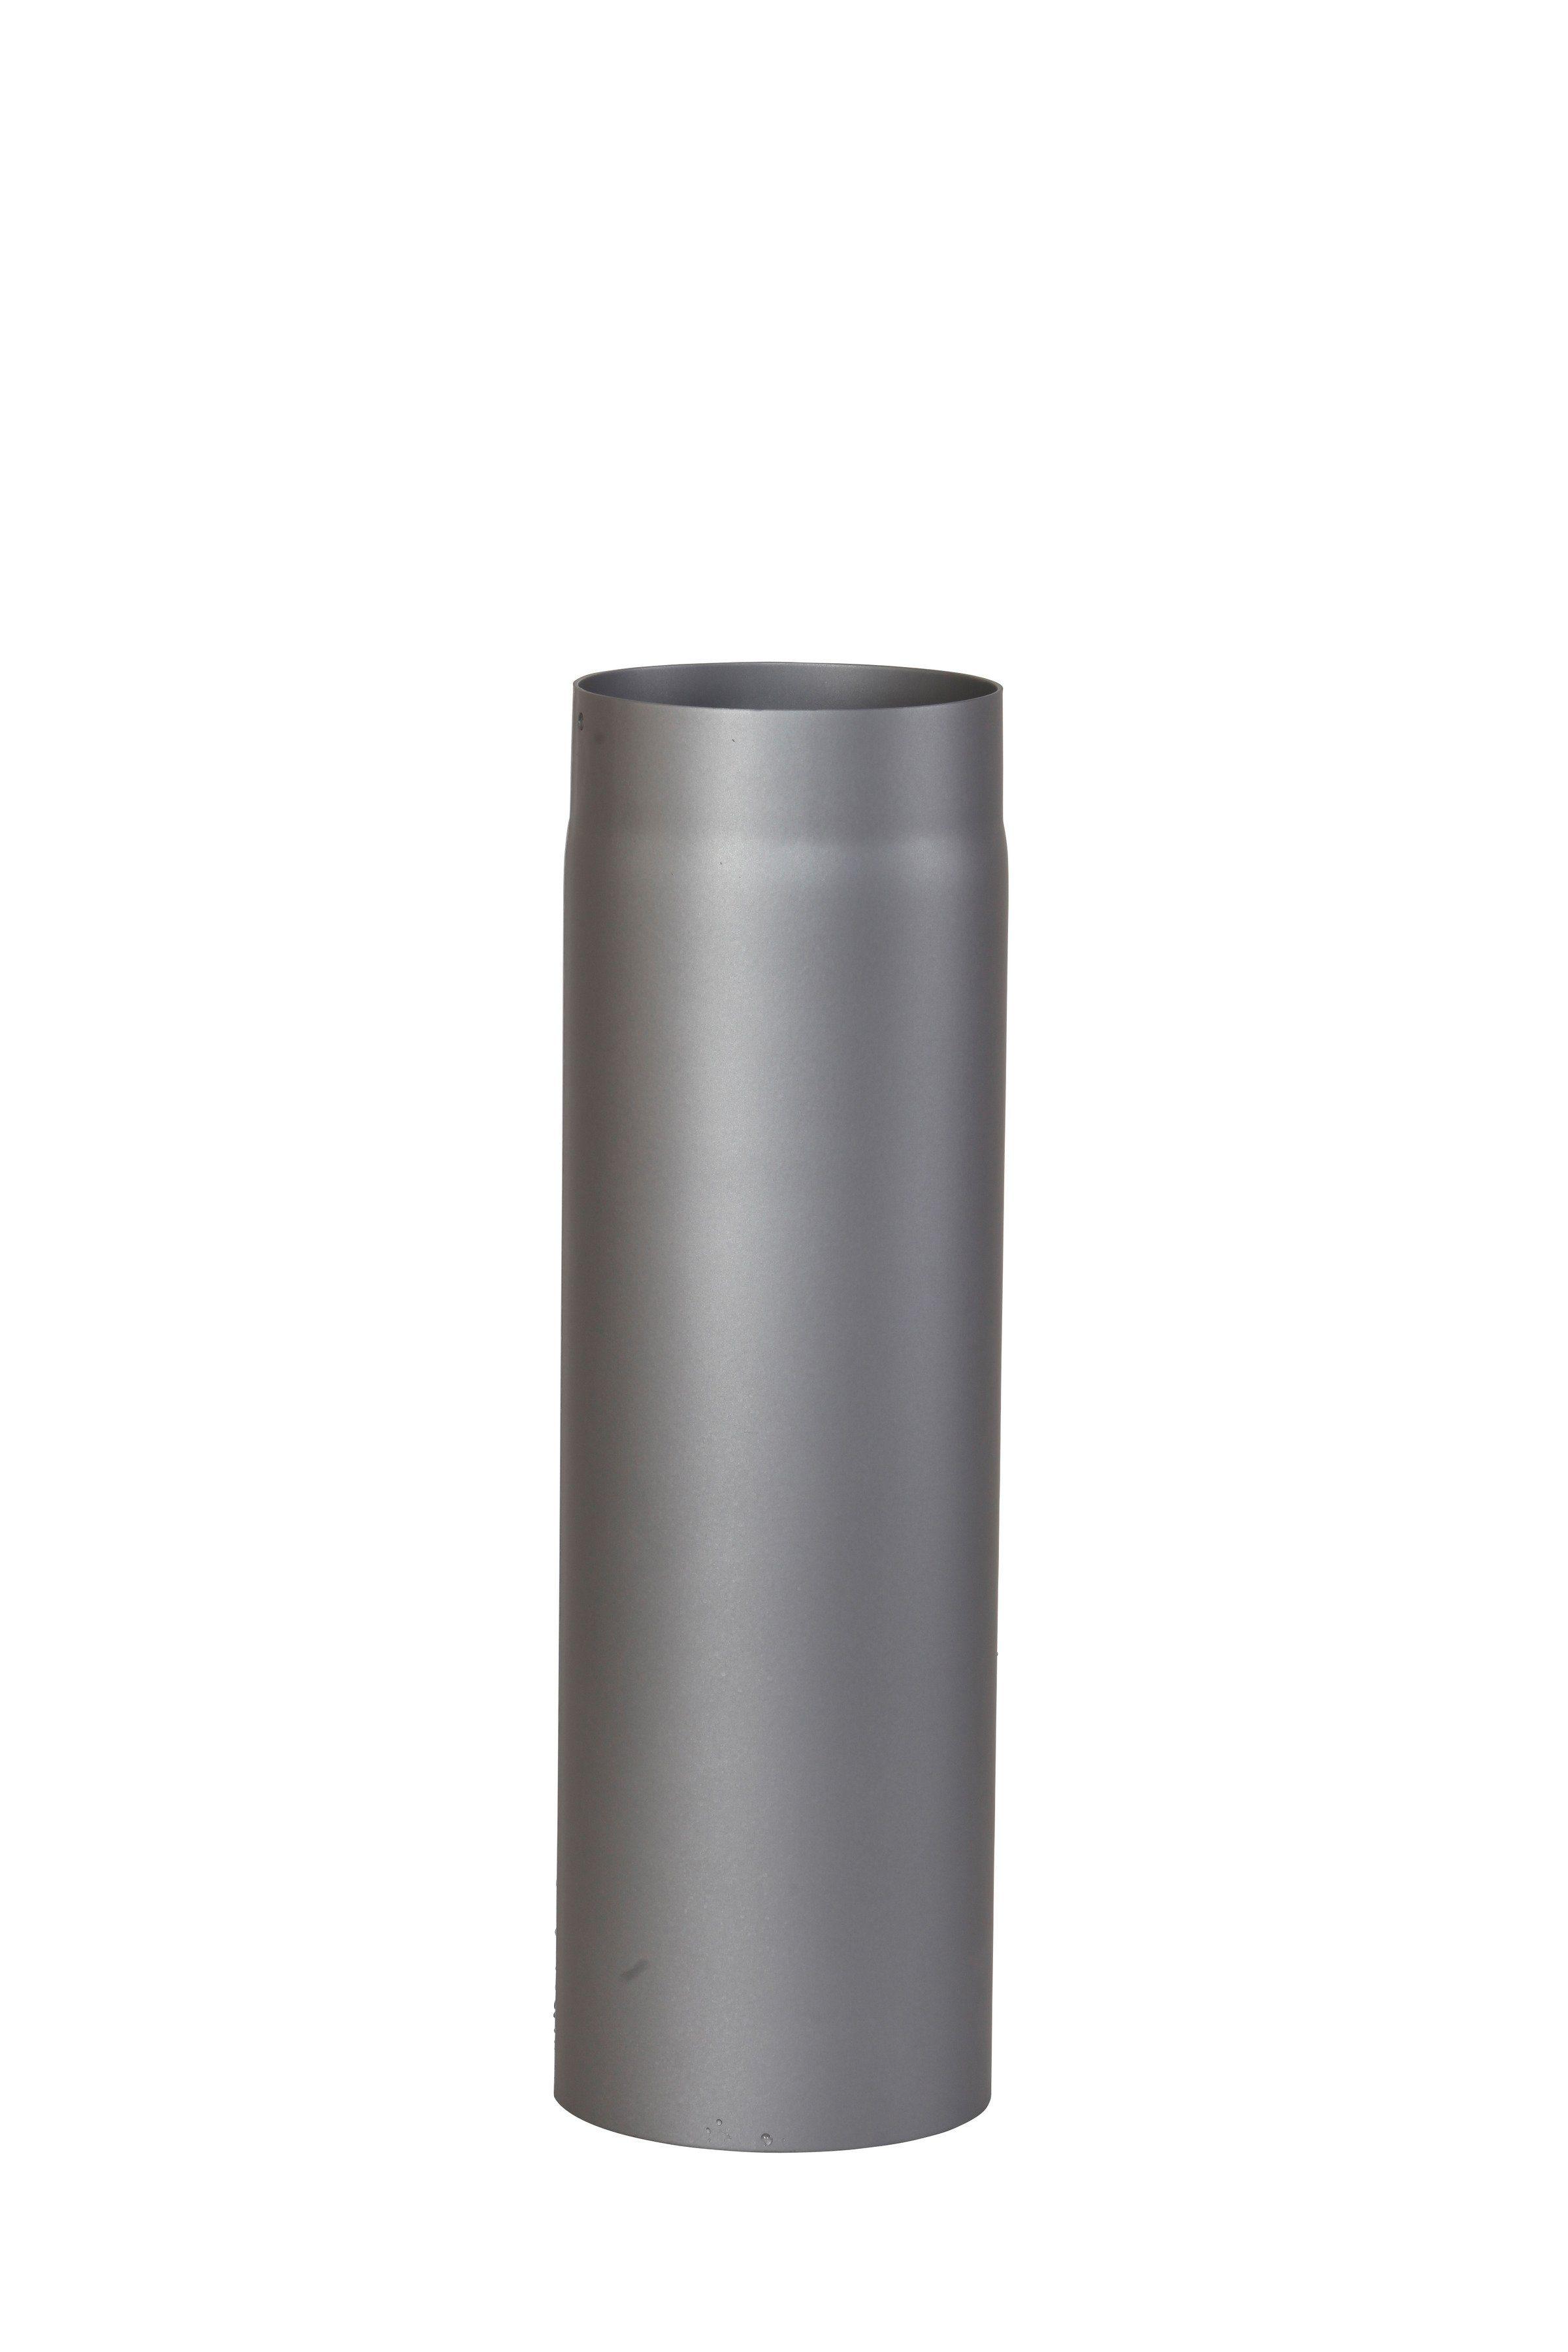 Rauchrohr »1000 mm Länge in Grau«, Ø 150 mm, Ofenrohr für Kaminöfen